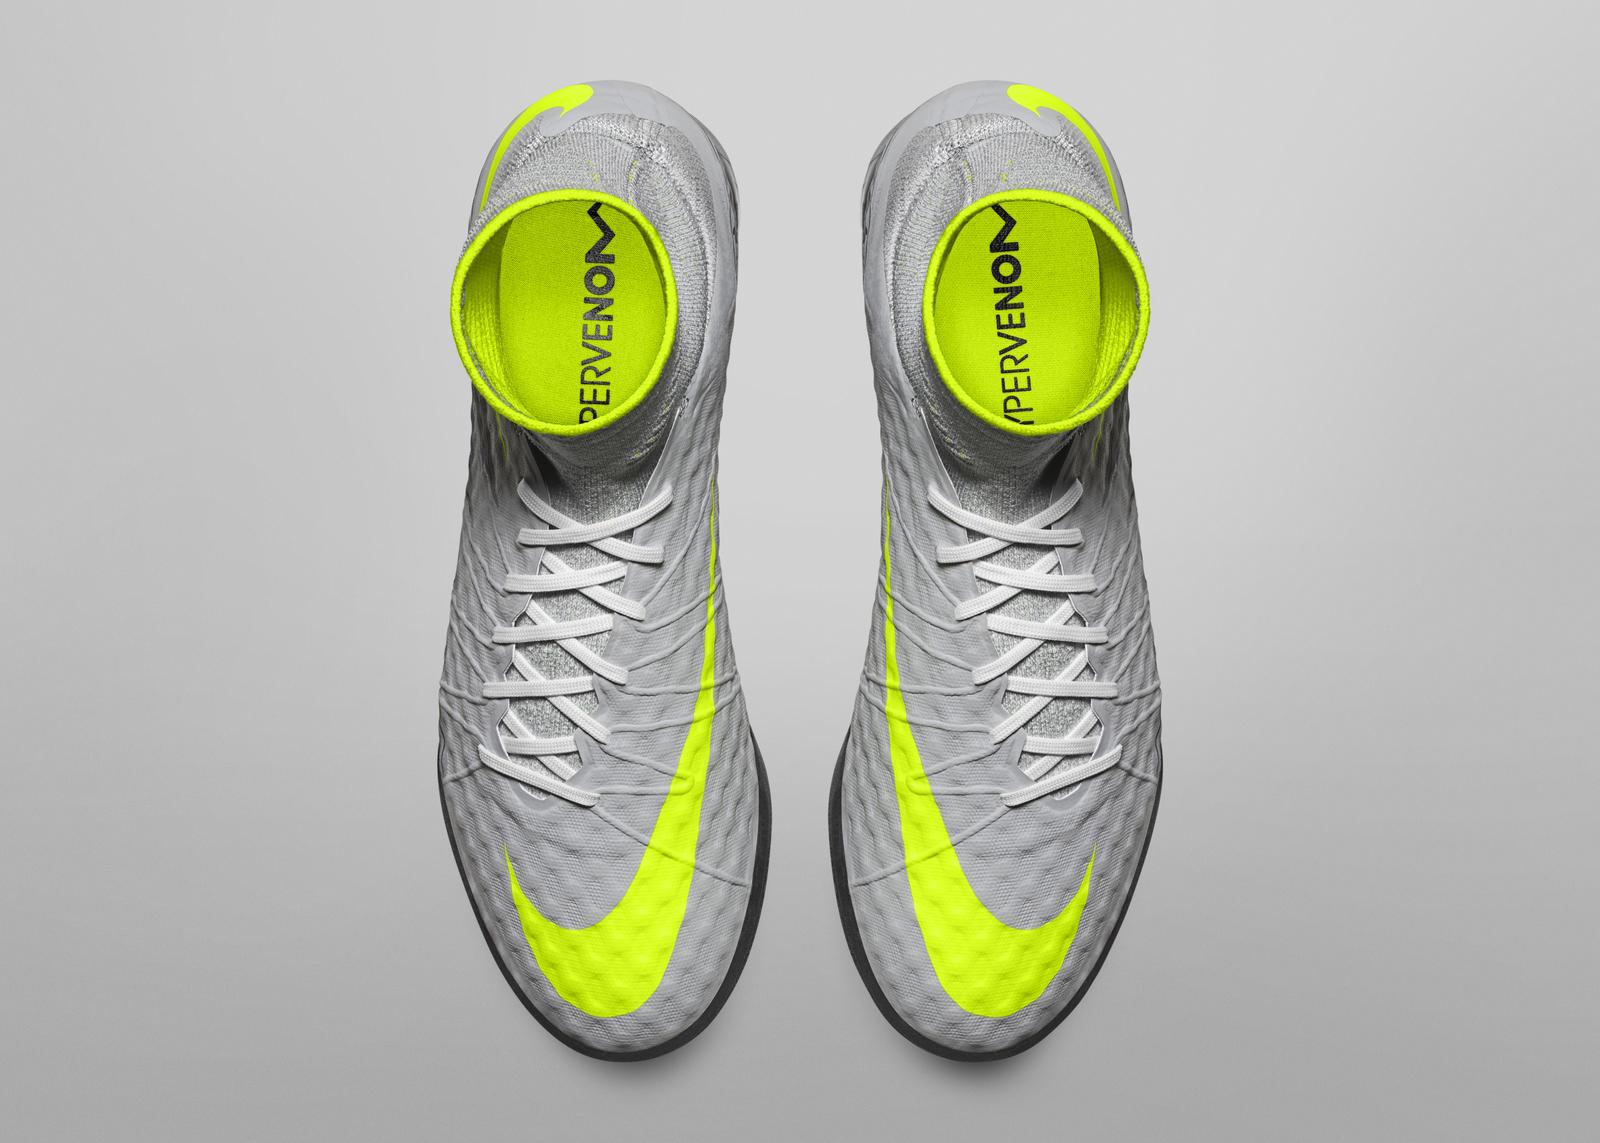 NikeFootballX Heritage Pack Nike News